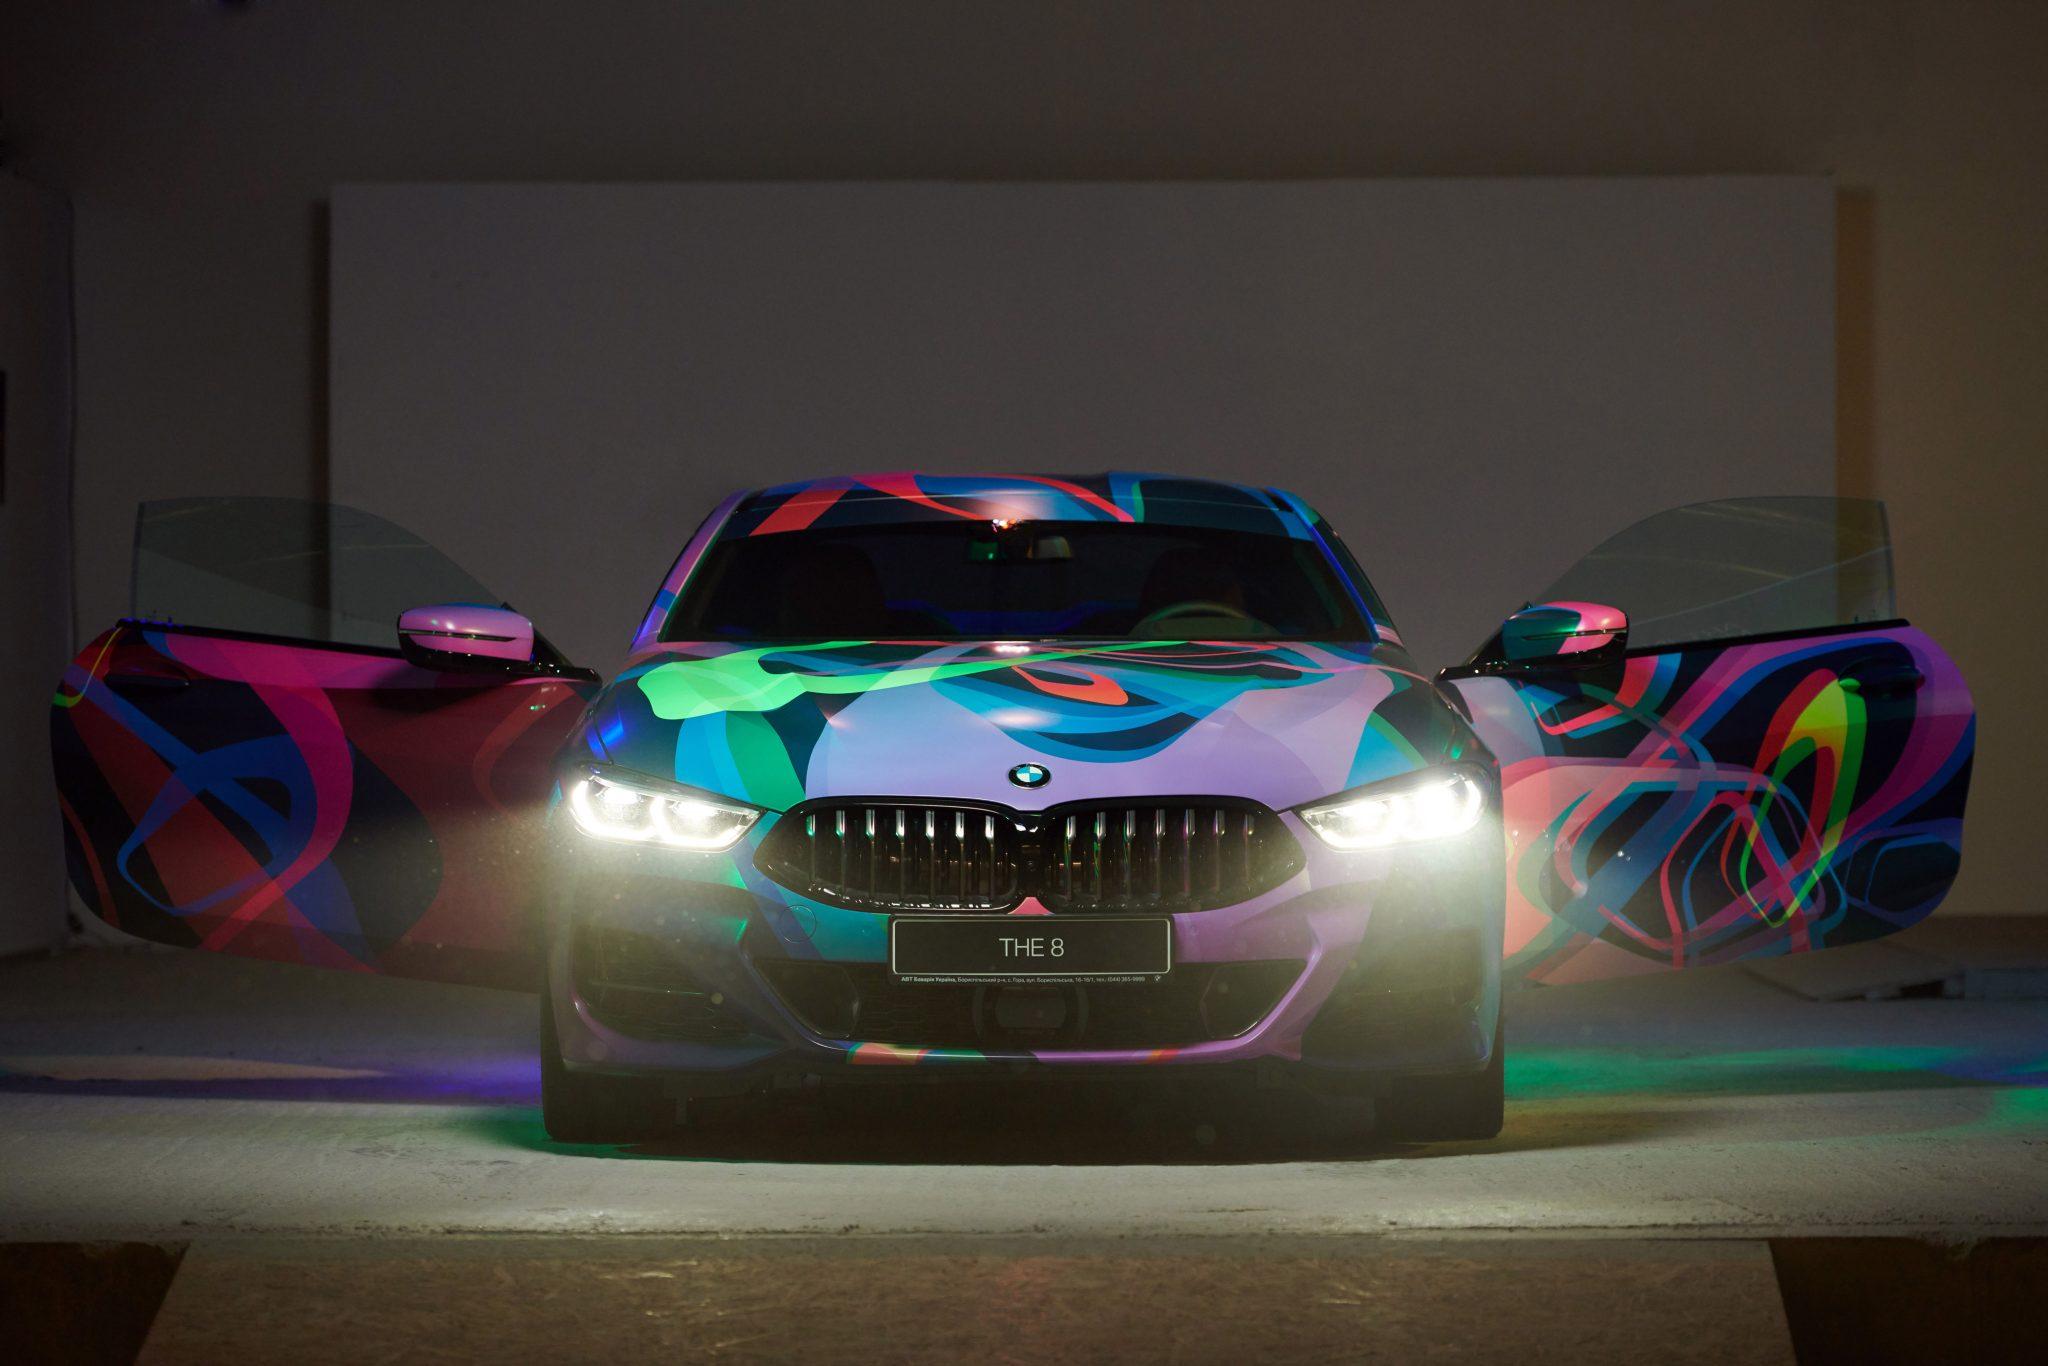 Арт-объект создали на базе спорткара BMW M850і xDrive